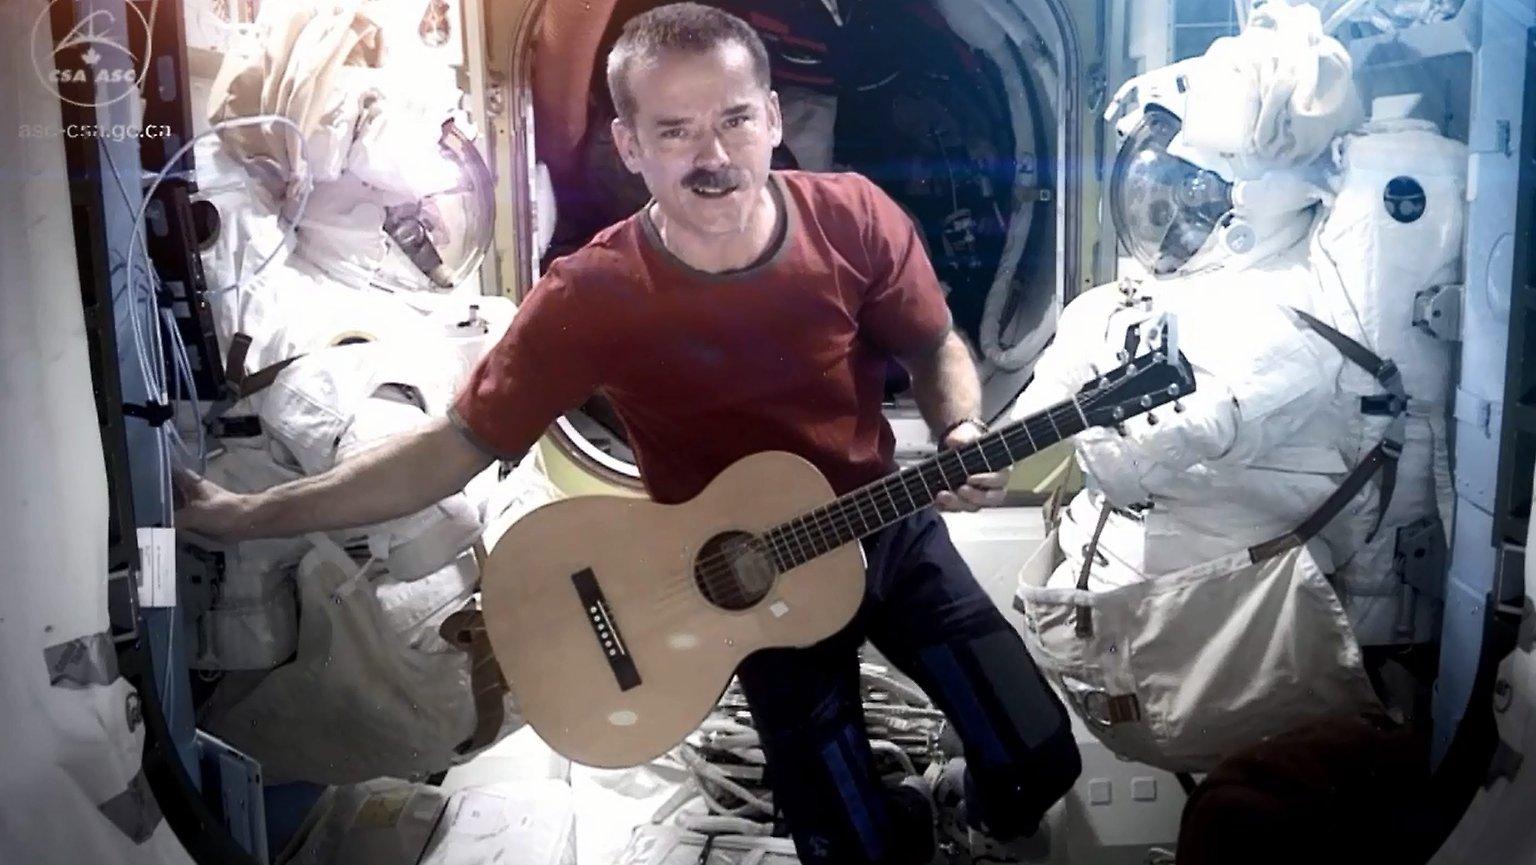 کریس هدفیلد فضانورد کانادایی مشغول نواختن گیتار